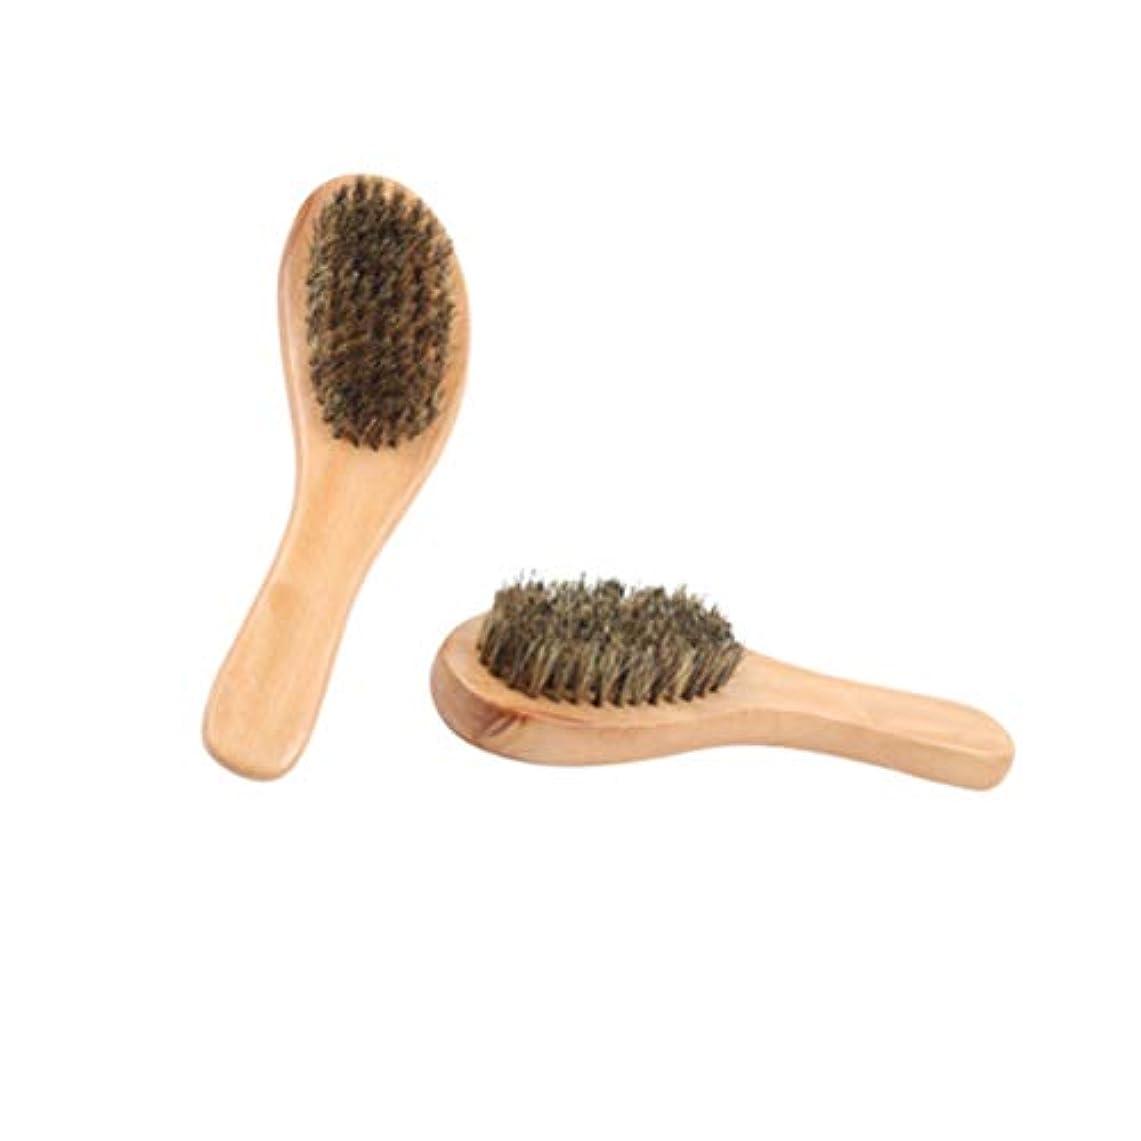 環境オールれんがSUPVOX 靴磨き用ブラシ磨き靴用ブラシ剛毛クリーニングブラシ家庭用ショップ用ウッドハンドル付きクリーナー2pcs(カラー1)